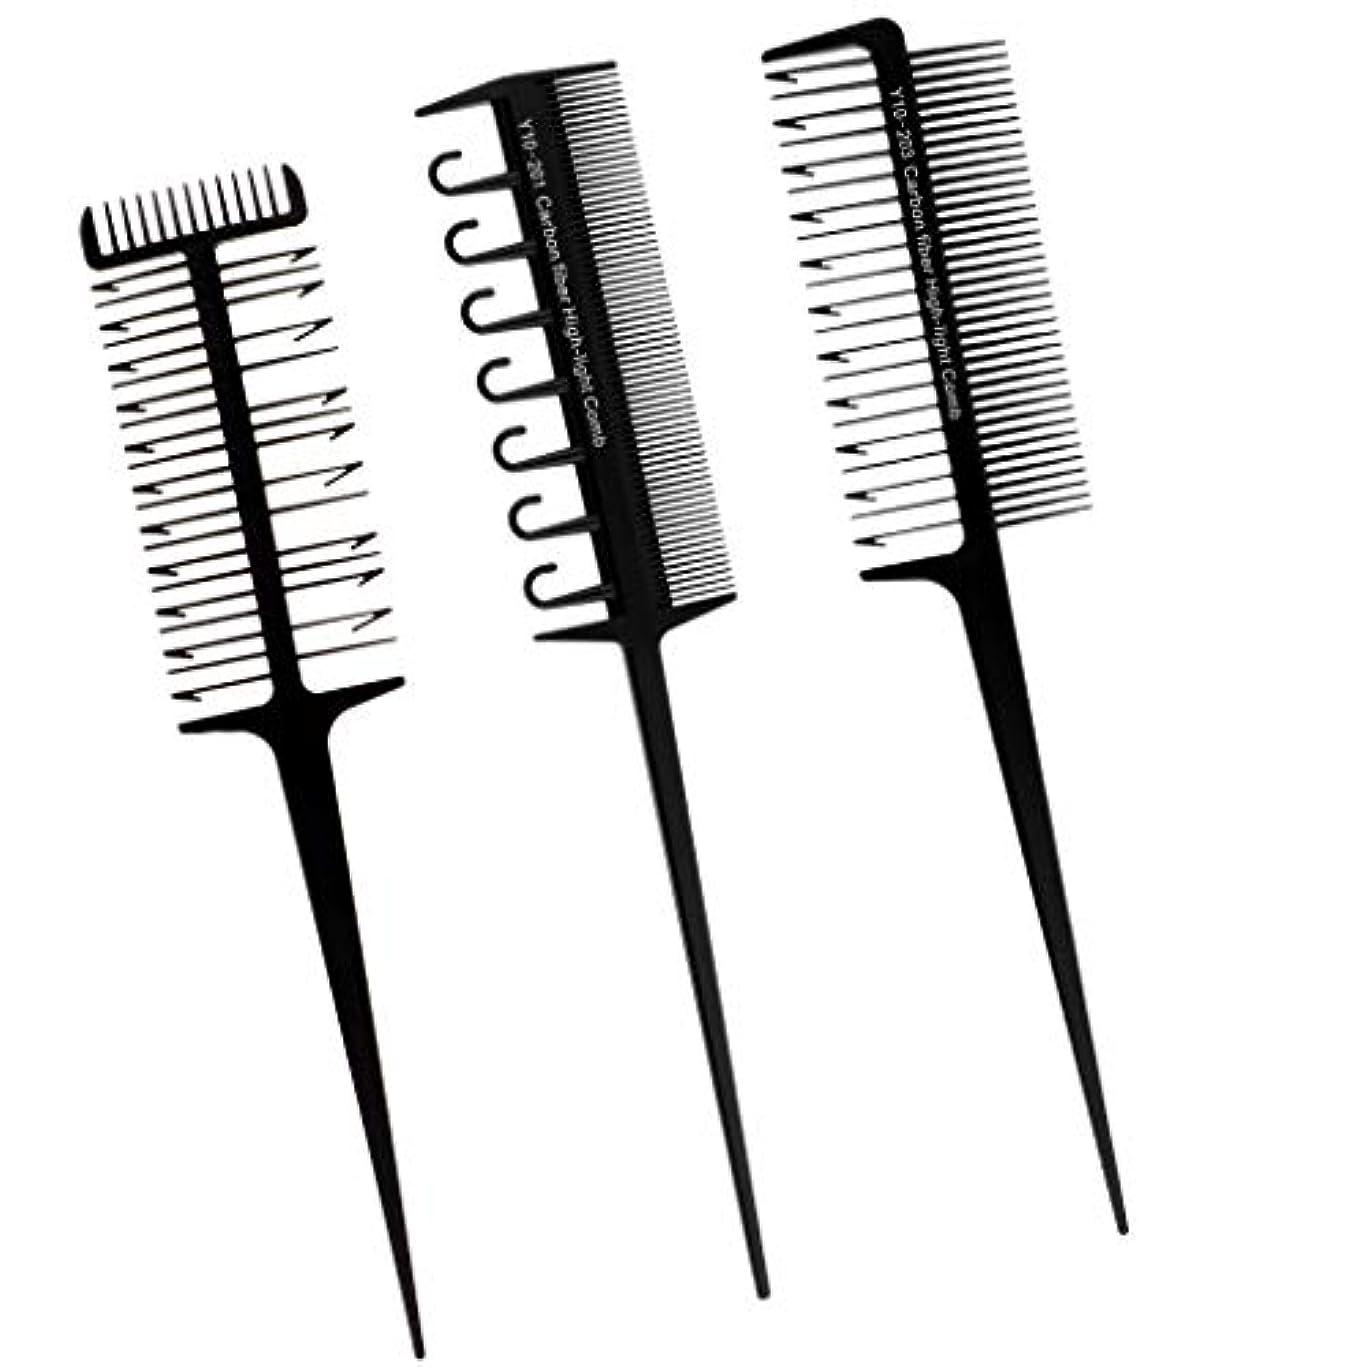 想像する黒くする請負業者ヘアダイブラシ プロ用 へアカラーセット DIY髪染め用 サロン 美髪師用 ヘアカラーの用具 3本入